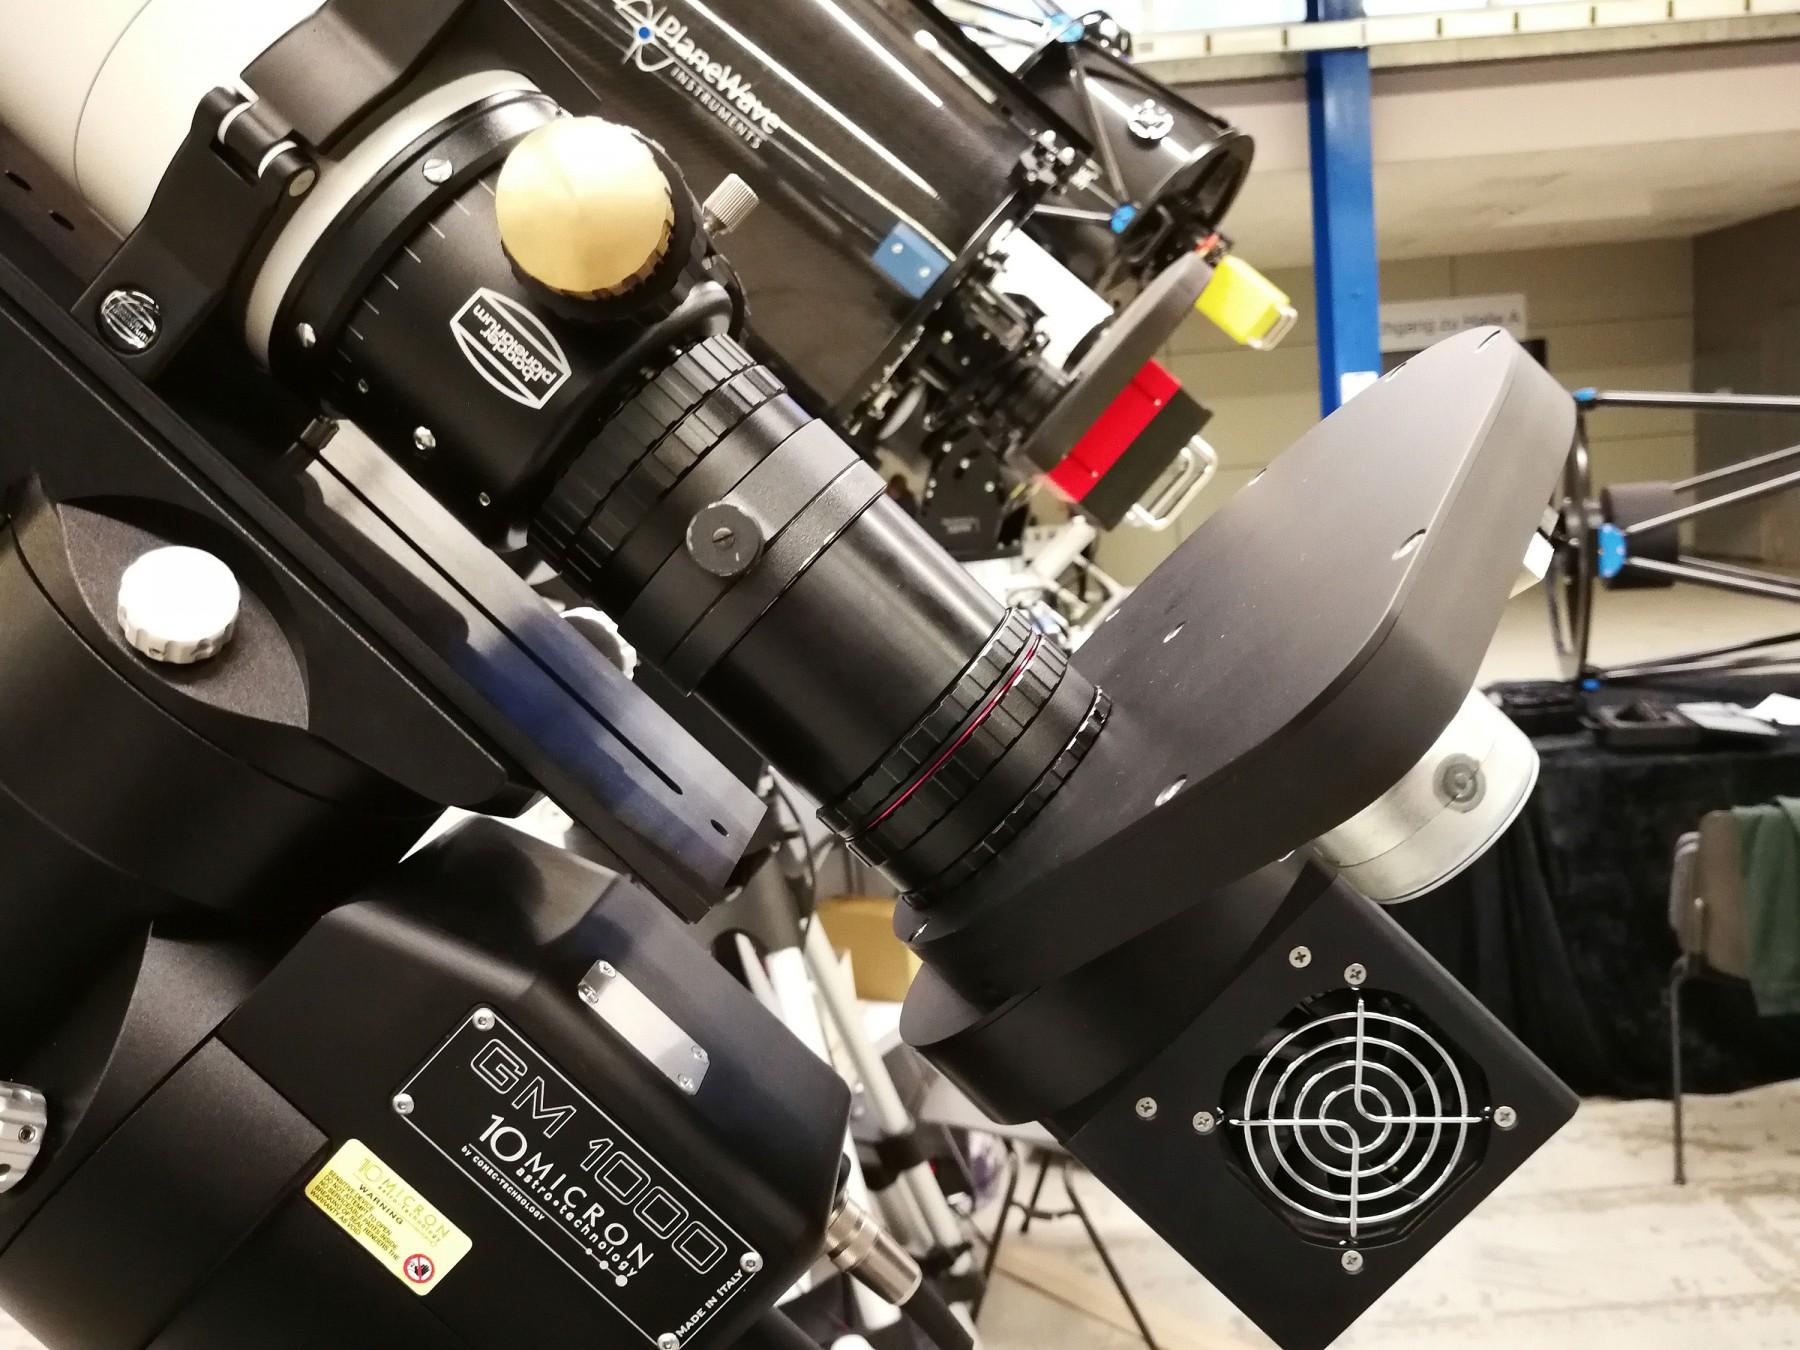 Anwendungsbild: Baader APO95 mit M68 Field Flattener und Baader Diamond Steeltrack